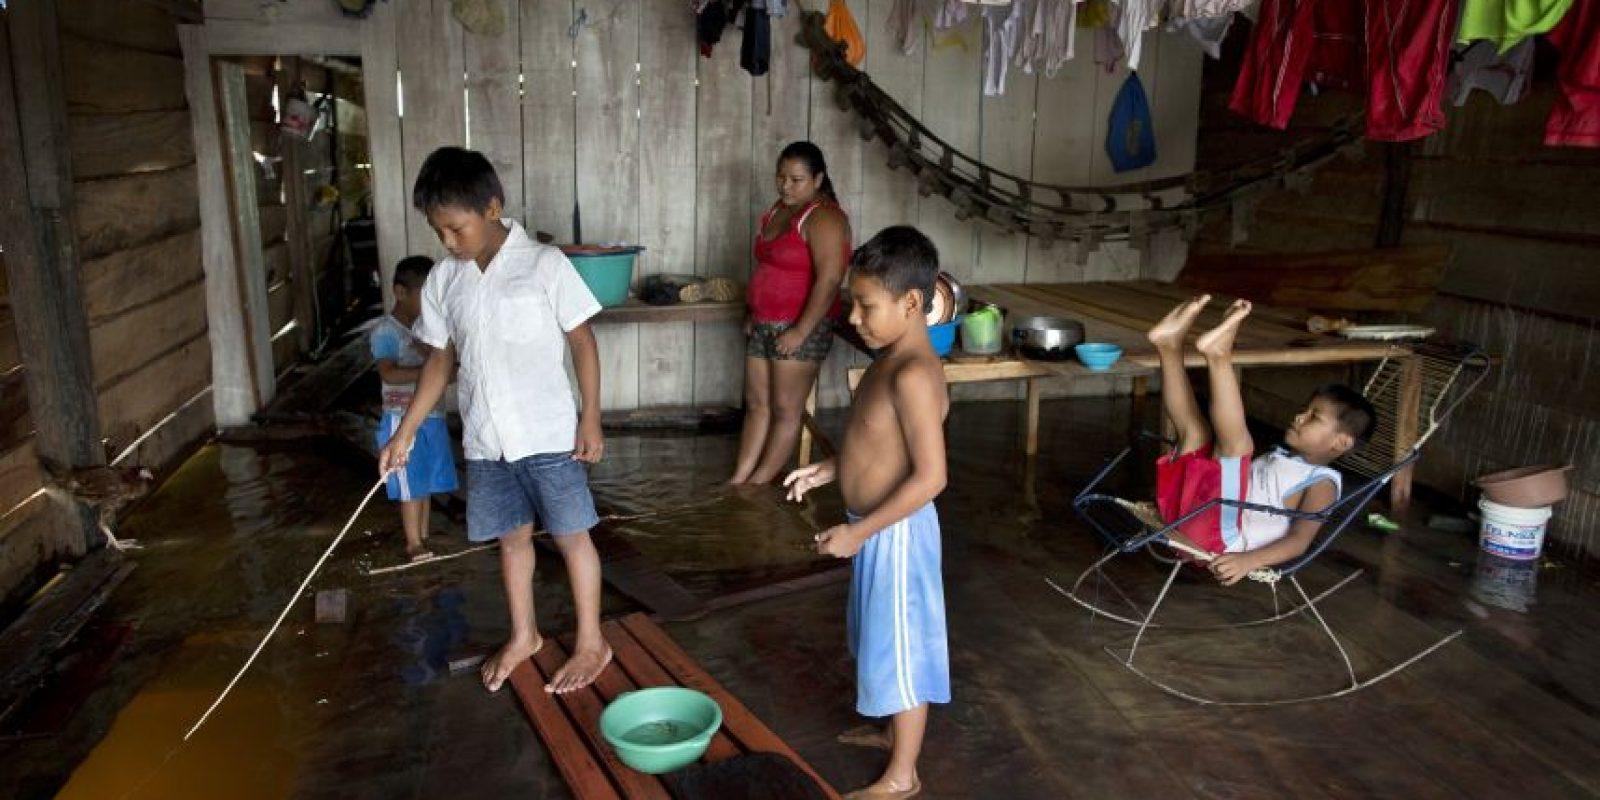 """En esta imagen del 9 de abril de 2015, Darío Tamani, de 10 años, pesca dentro de su caasa, inundada por la subida del río, en el barrio de Belén en Iquitos, Perú, una empobrecida comunidad peruana conocida como """"Venecia de la jungla"""". De enero a junio, el agua de las crecidas de un afluente del Amazonas inunda la población y cambia de forma drástica la vida cotidiana. Hay agua por todas partes, lo que permite incluso pescar desde las casas a través de un agujero en el suelo. Foto:AP/ Rodrigo Abd"""